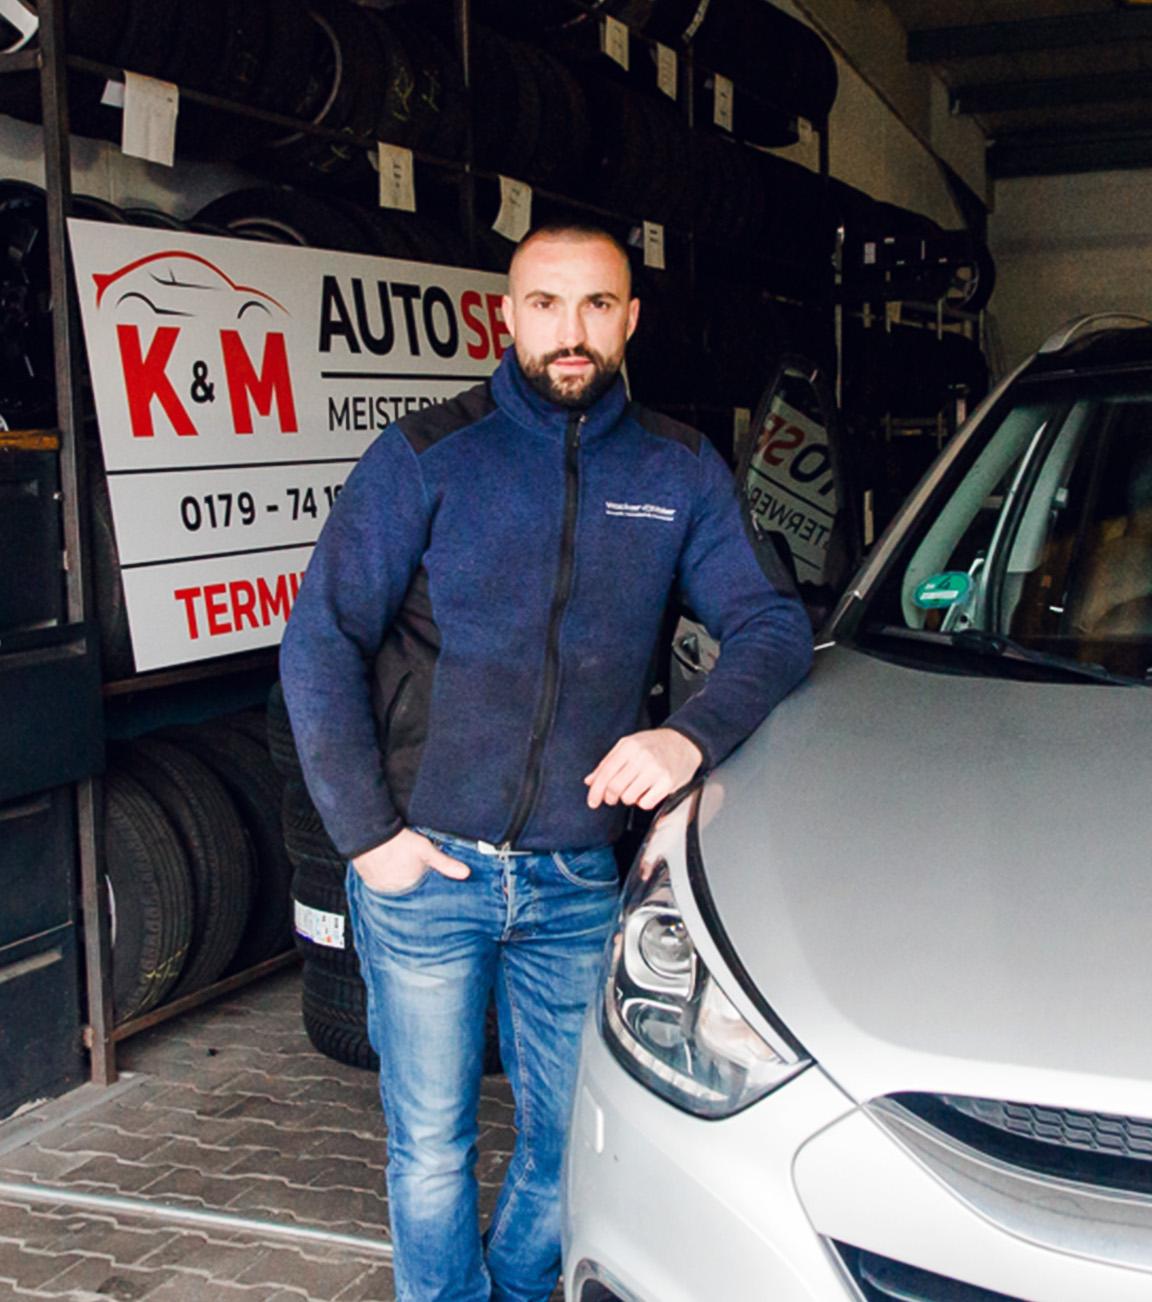 Konstantin Ivanov - K&M Autowerkstatt Mannheim